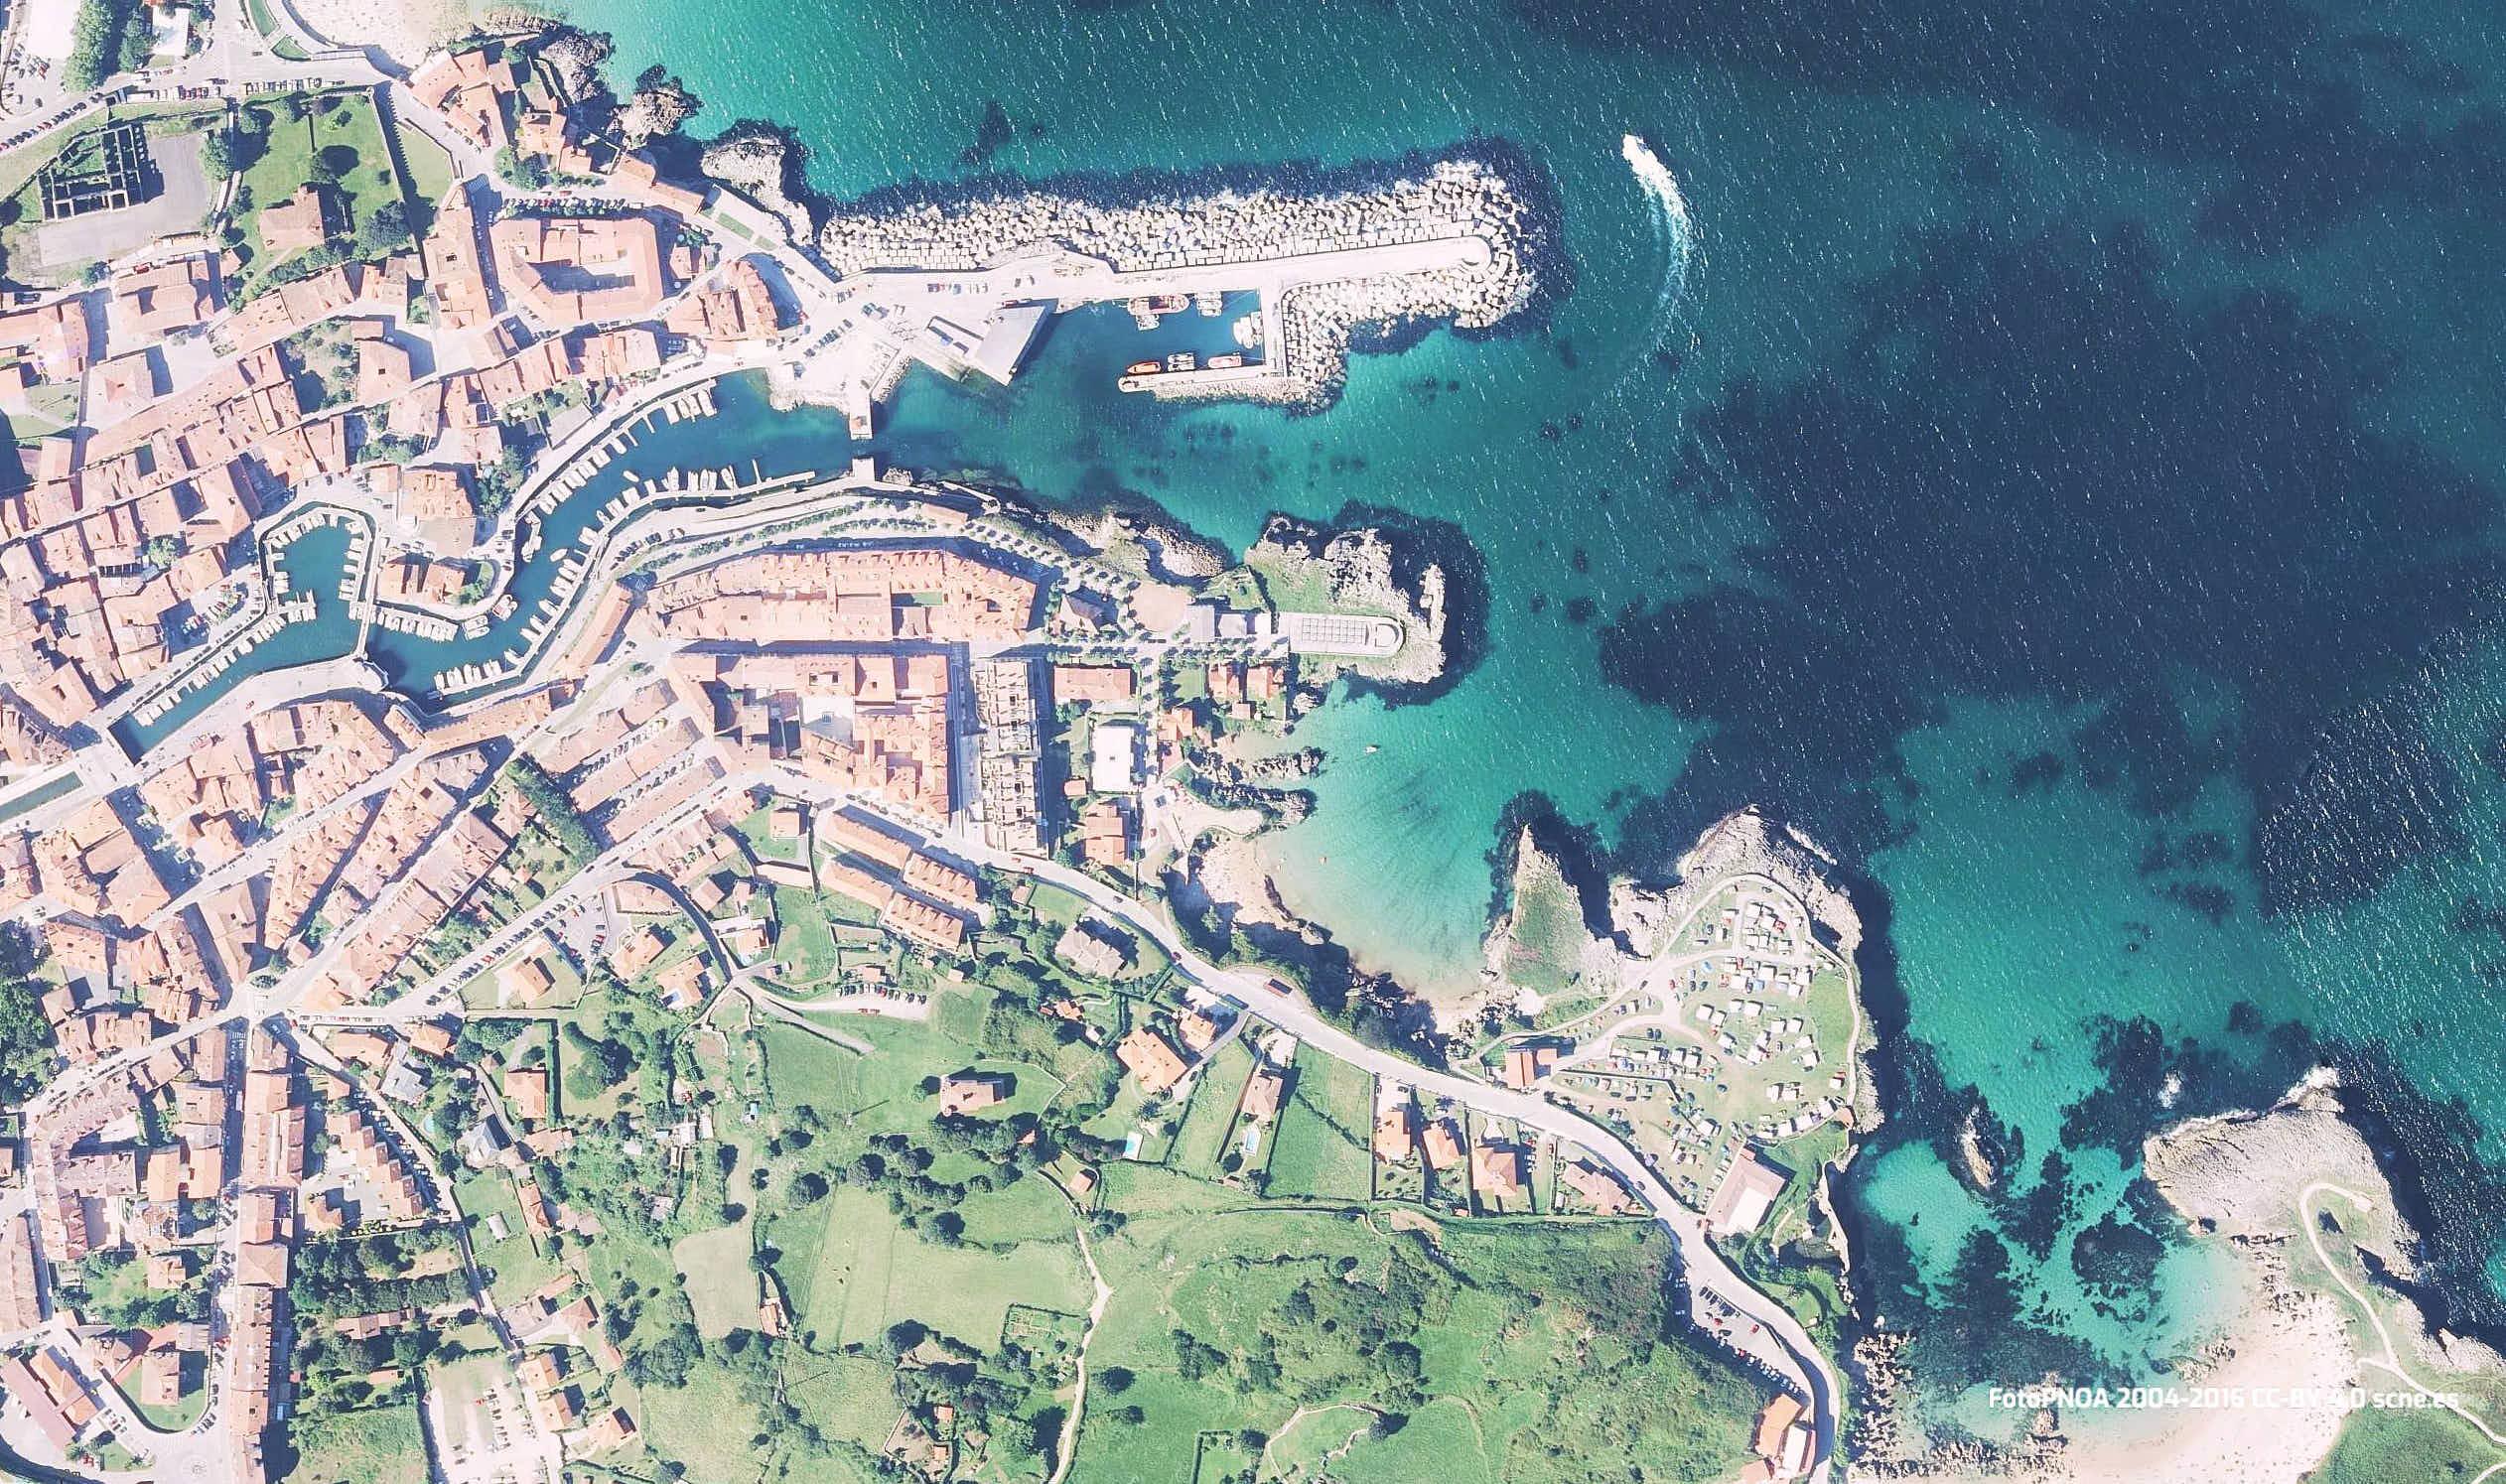 Vista aerea de la playa de Puerto Chico en Llanes, Asturias